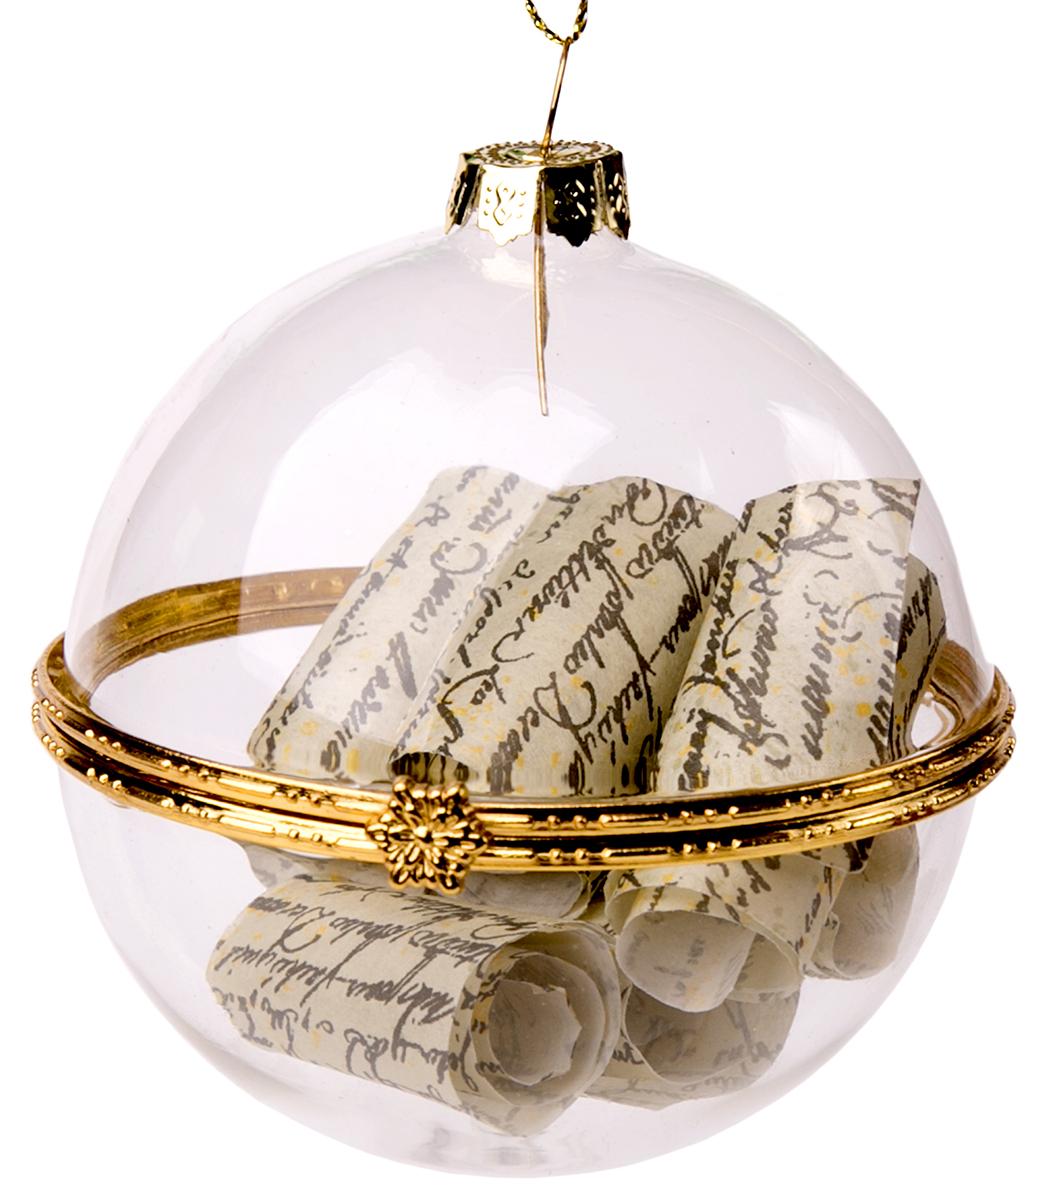 Новогоднее подвесное украшение Magic Time Шар, с пожеланием внутри75845Новогоднее украшение Magic Time, выполненное из стекла, отлично подойдет для декорации вашего дома и новогодней ели. С помощью специальной петельки украшение можно повесить в любом понравившемся вам месте. Но, конечно, удачнее всего оно будет смотреться на праздничной елке.Елочная игрушка - символ Нового года. Она несет в себе волшебство и красоту праздника. Такое украшение создаст в вашем доме атмосферу праздника, веселья и радости.